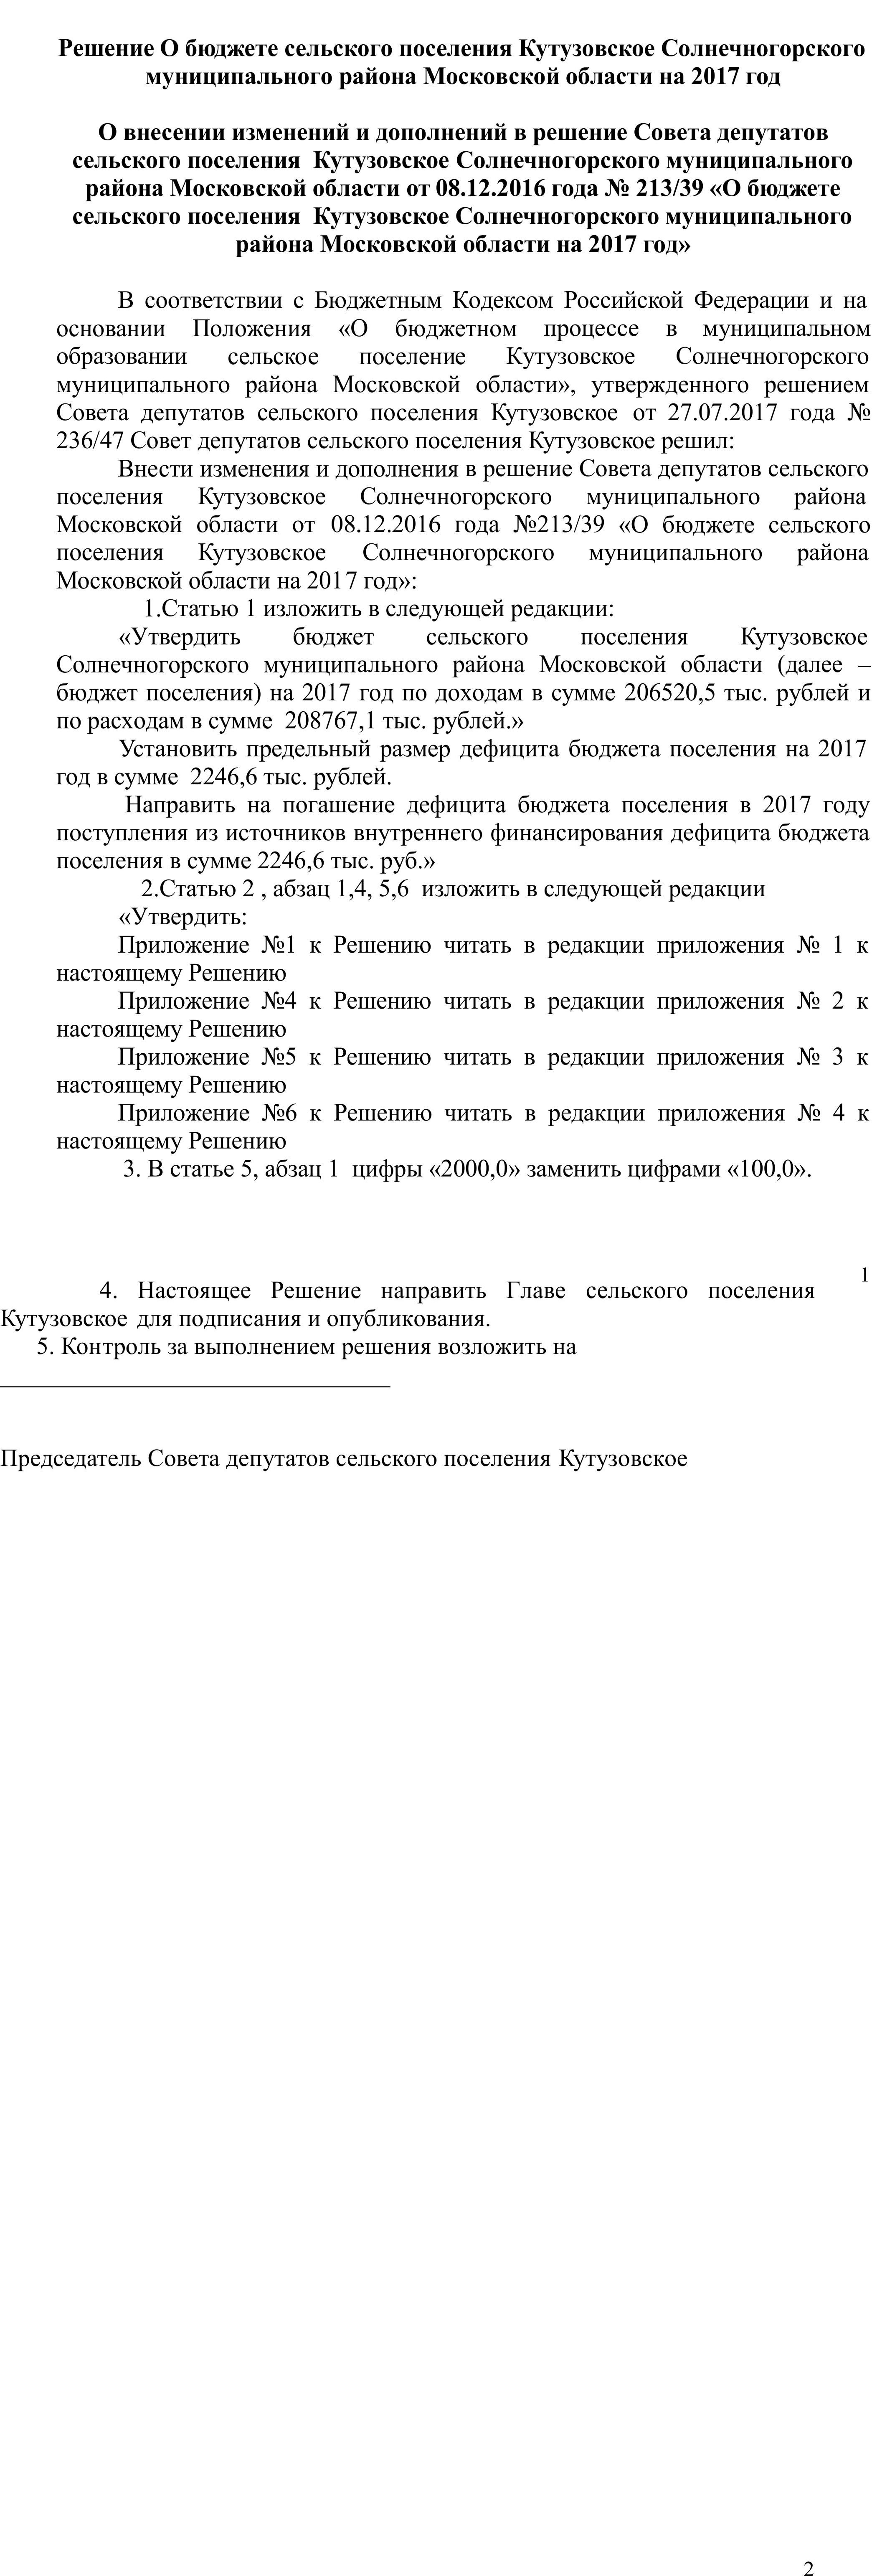 Решение Кутузовское